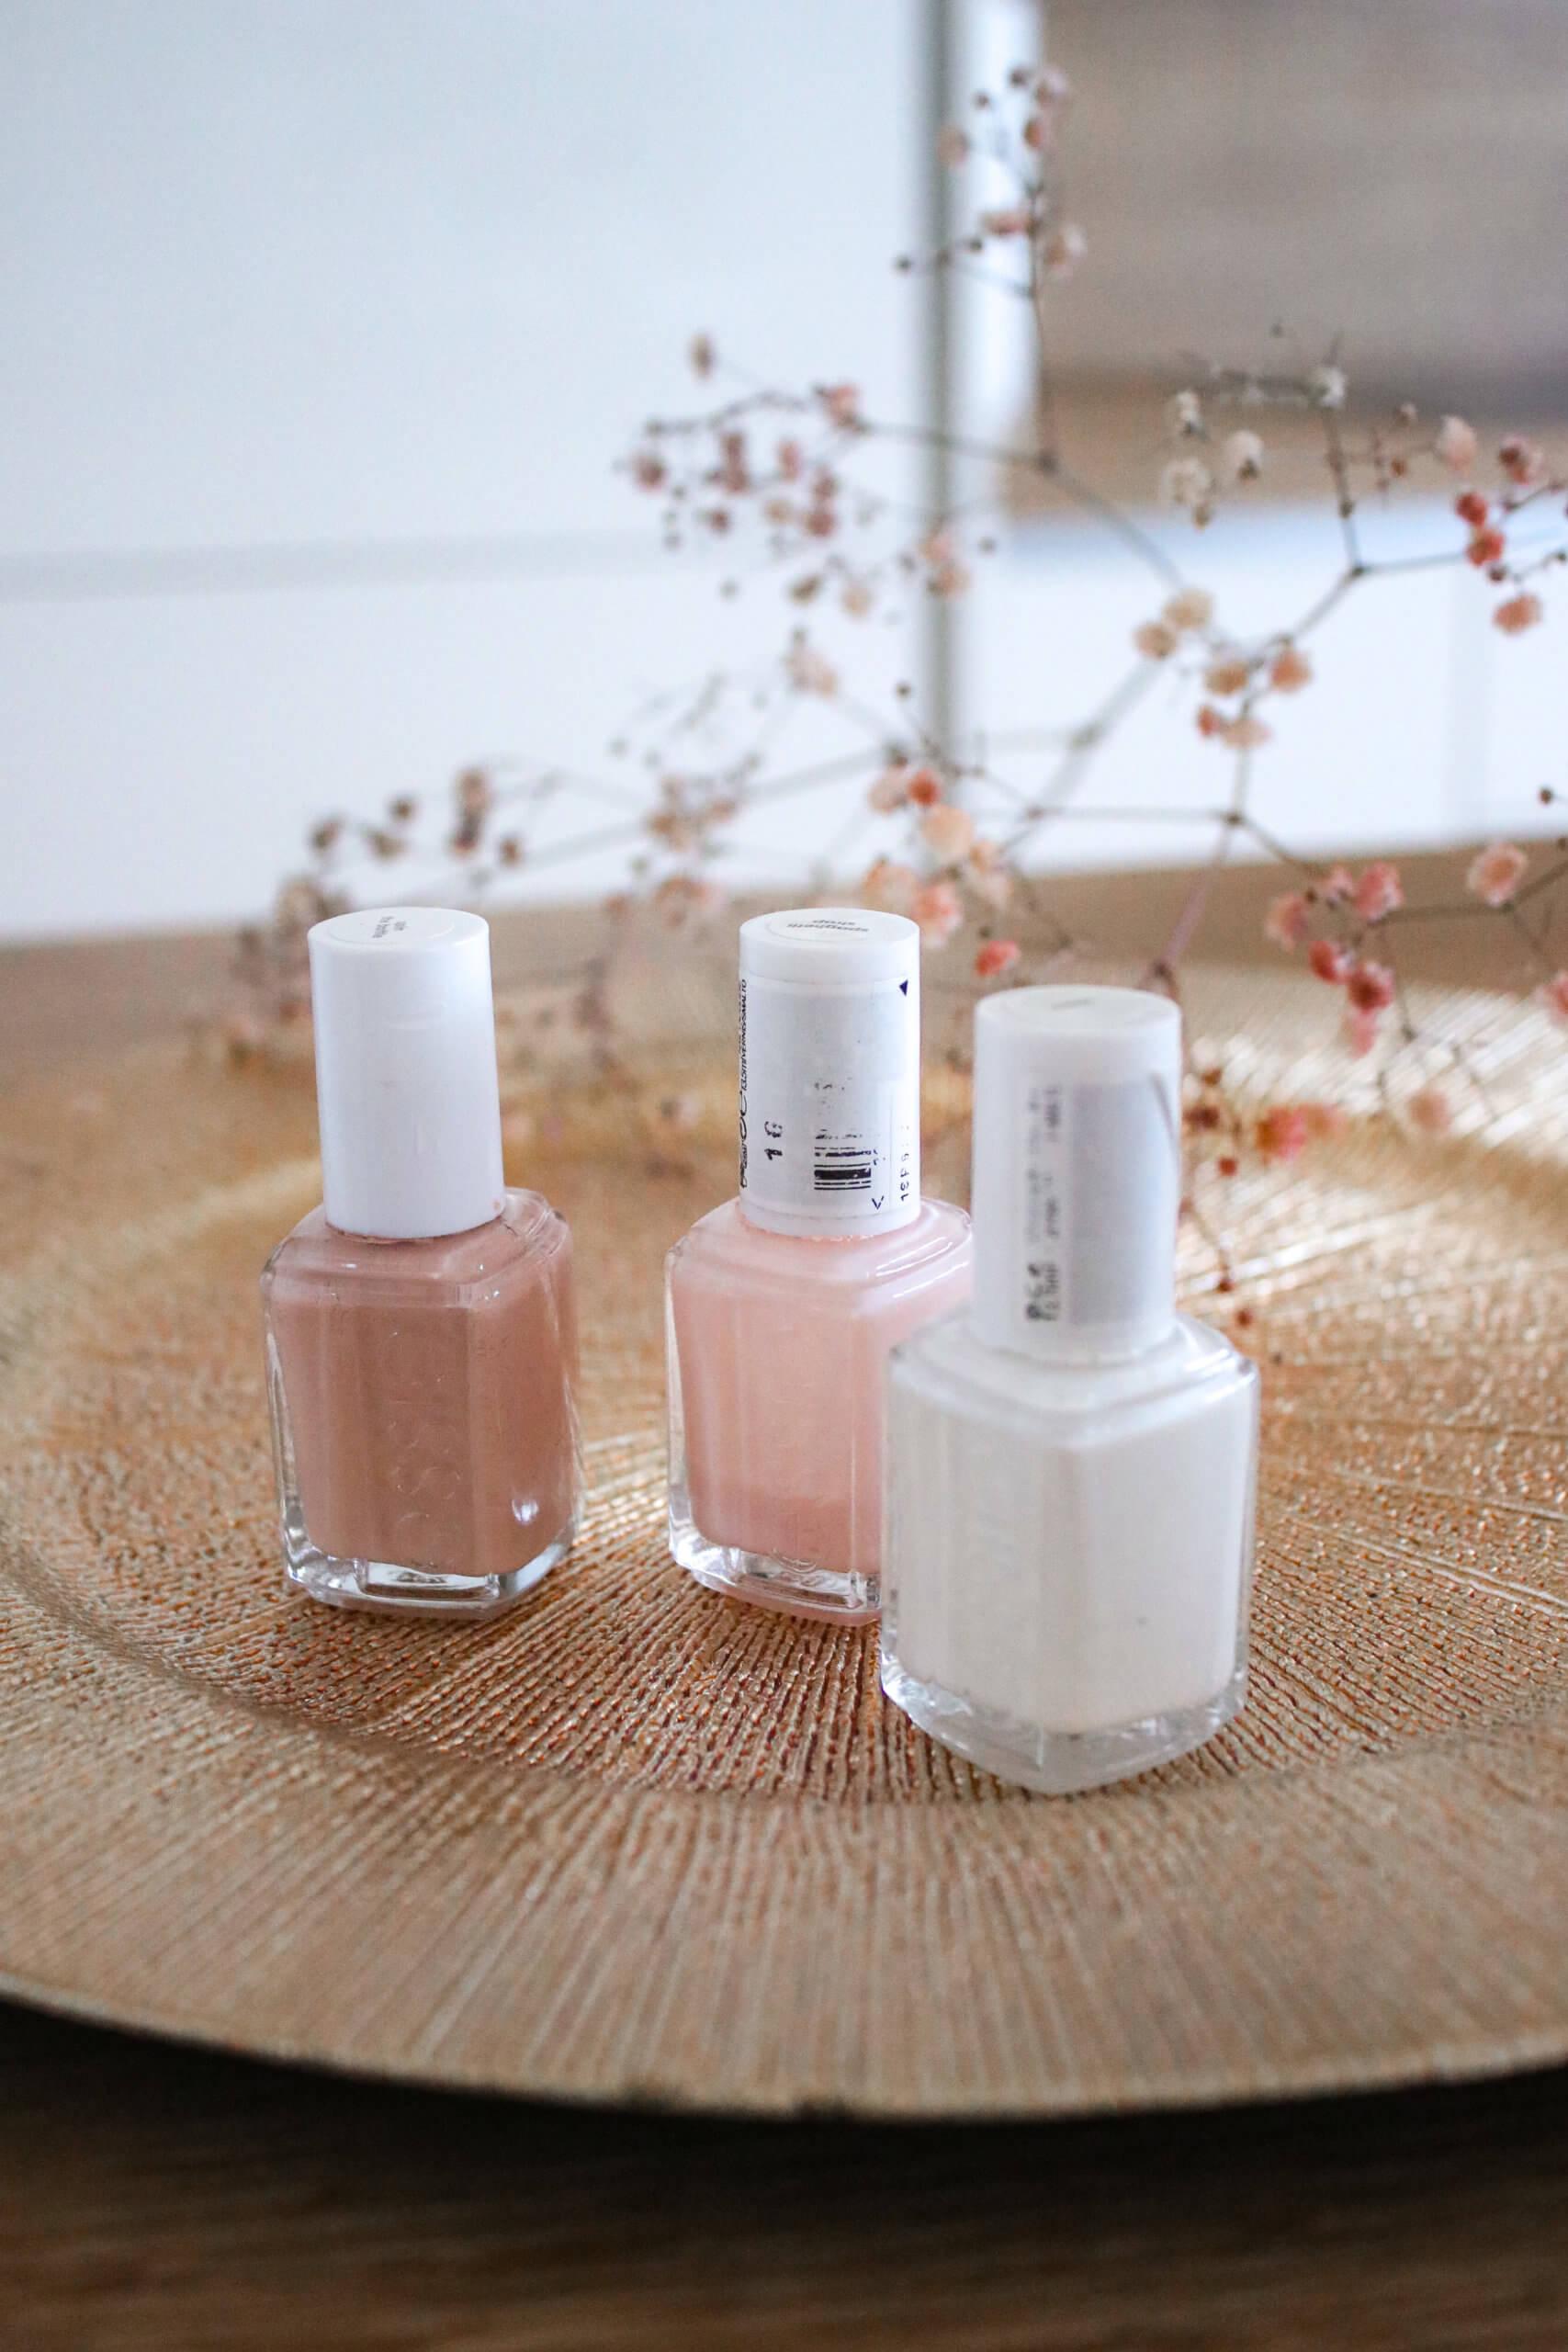 Essie Nagellack zum Valentinstag schenken – diese Nagellackfarben sind Top